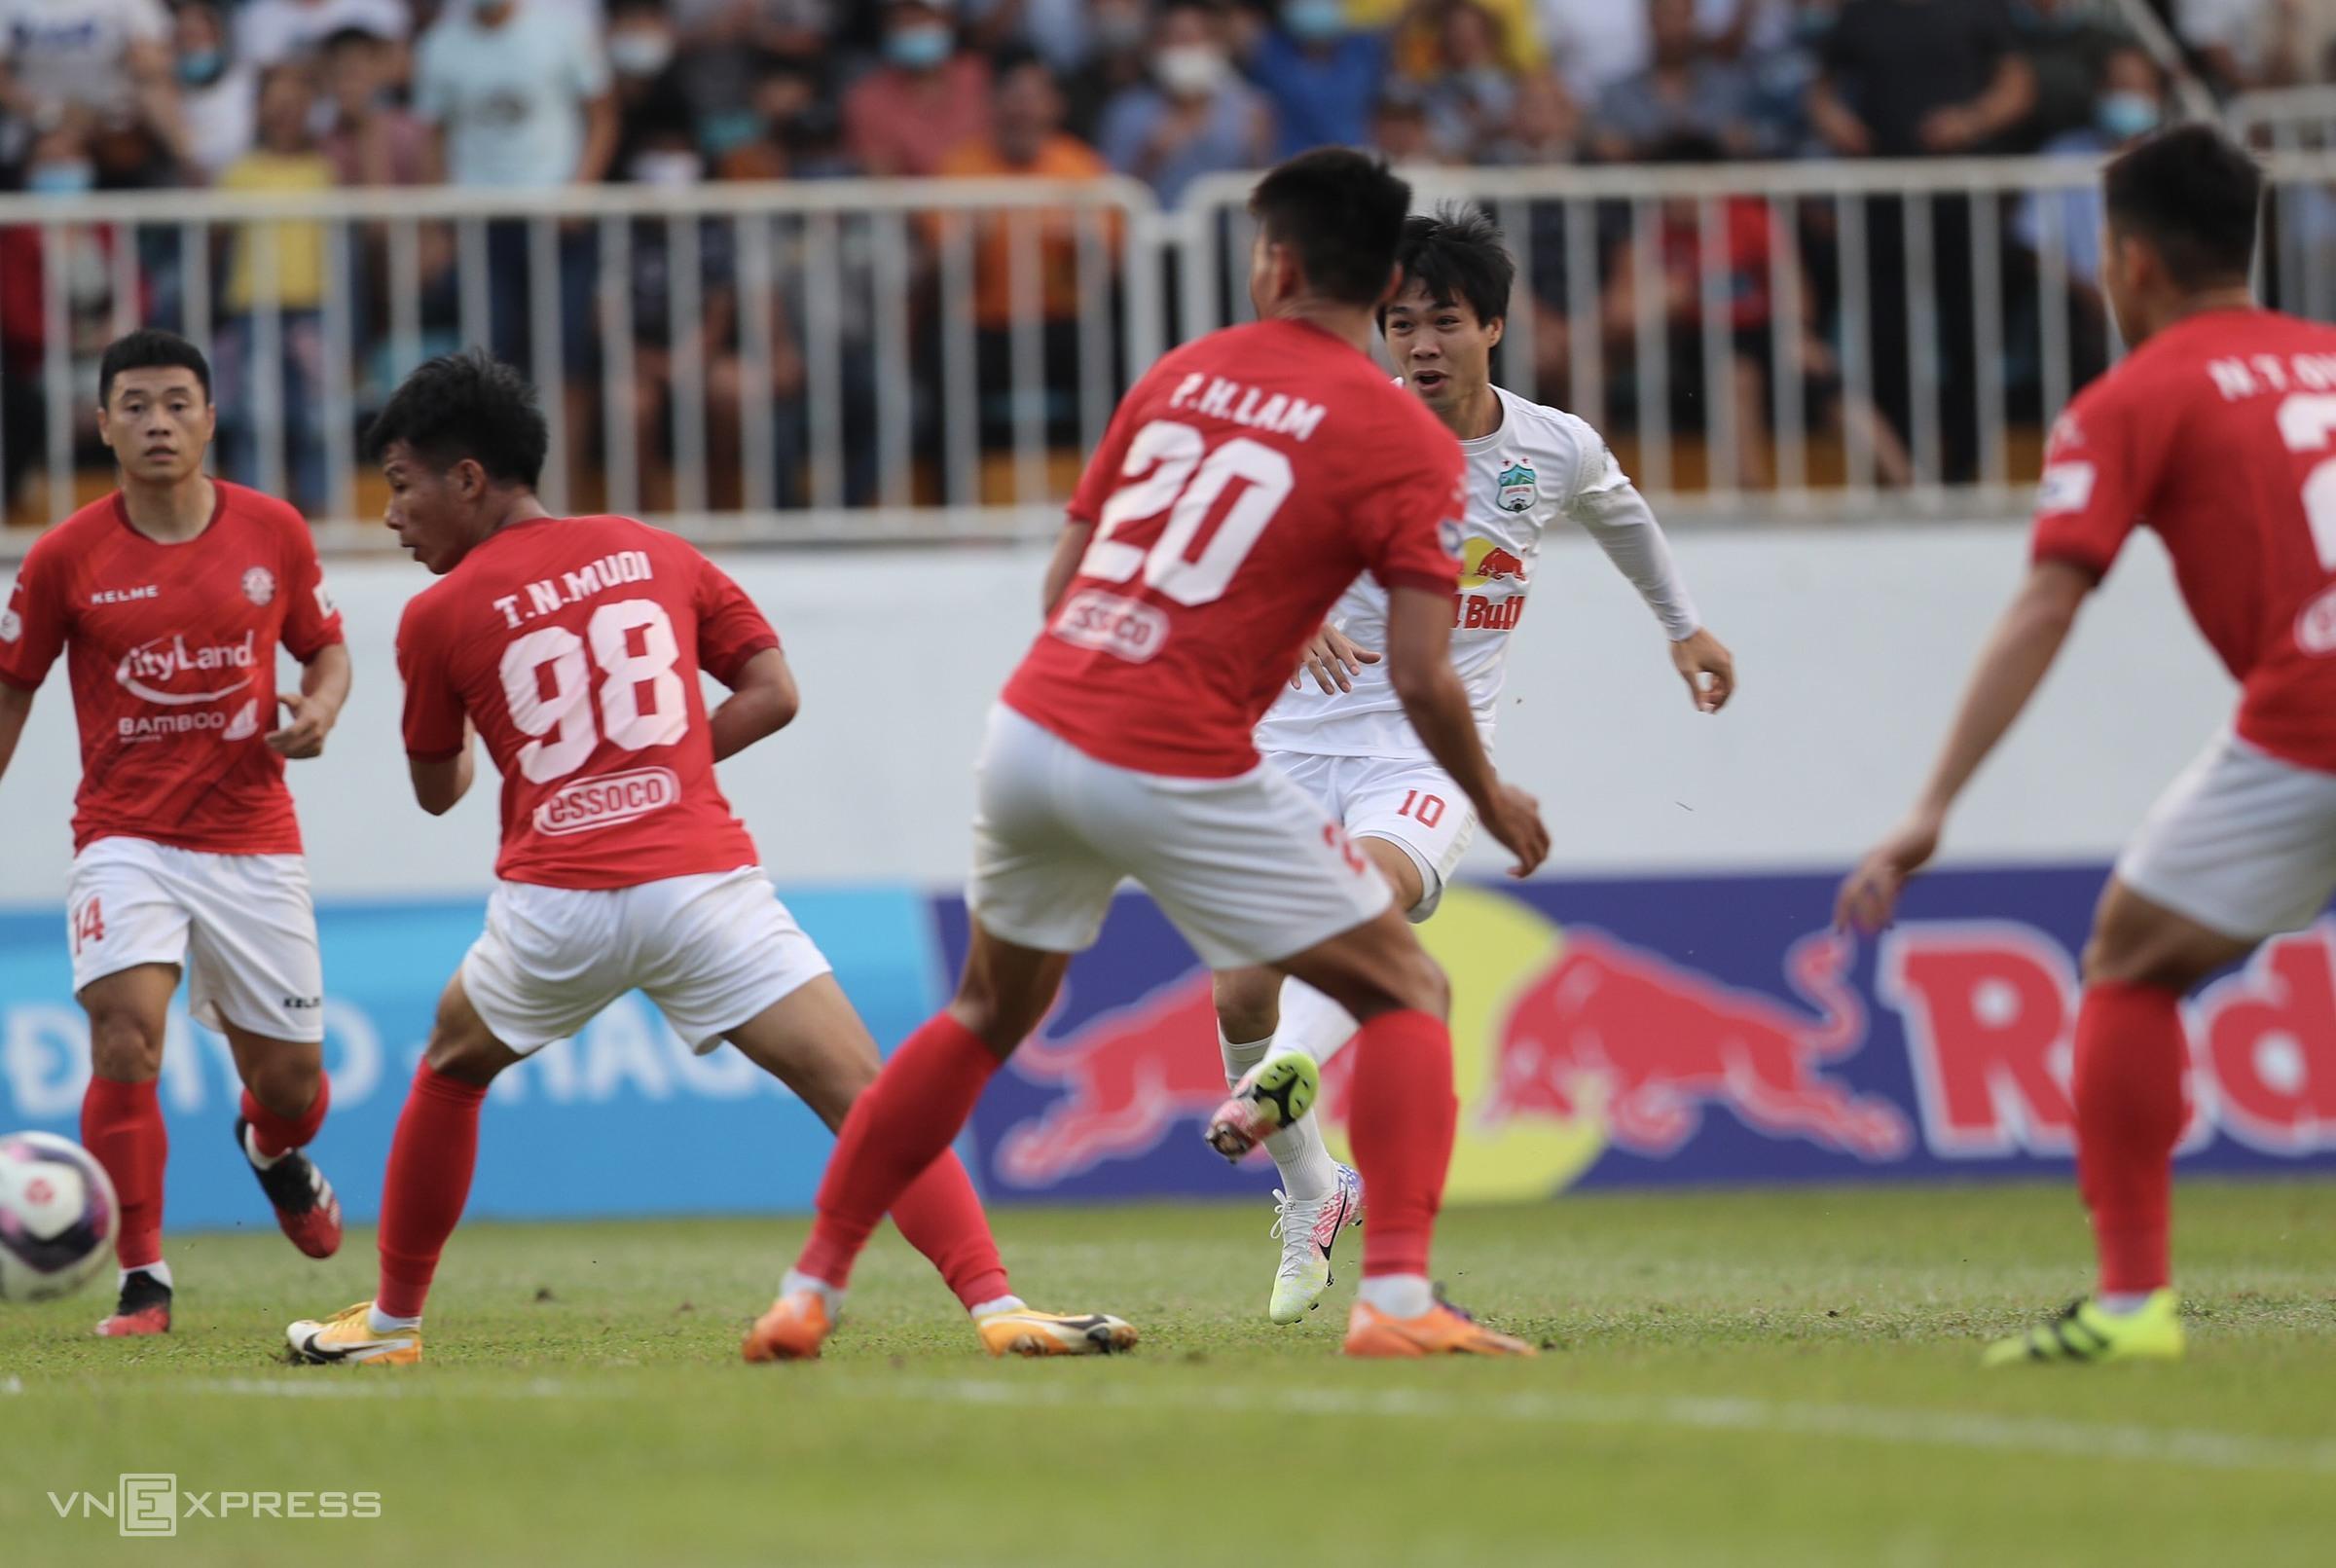 Cong Phuong mencetak gol kedua dalam dua putaran berturut-turut.  Foto: Duc Dong.